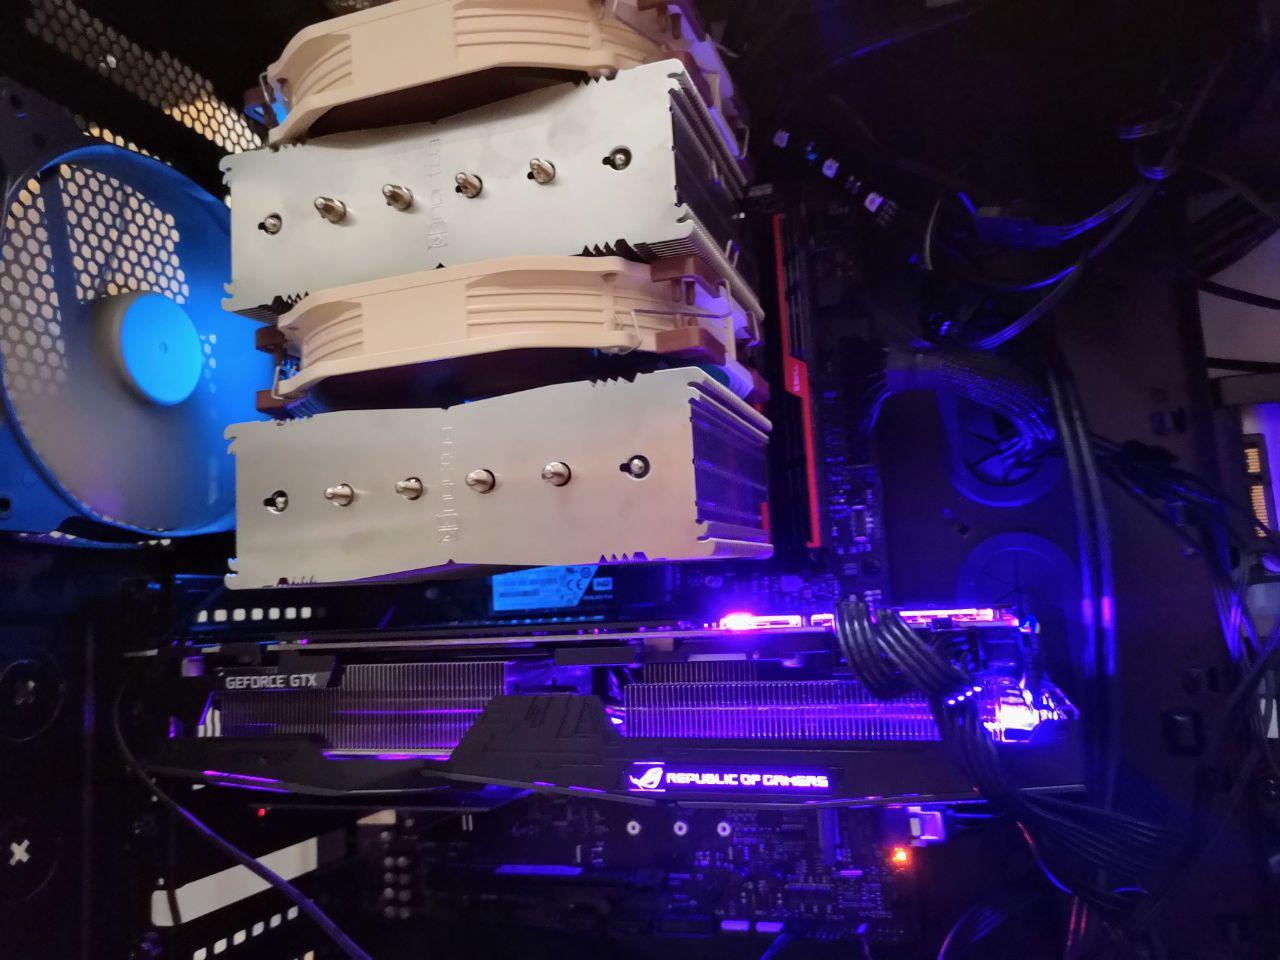 Jeg har gløttet inn i 4K-verdenen og testet en gigantisk CPU-vifte